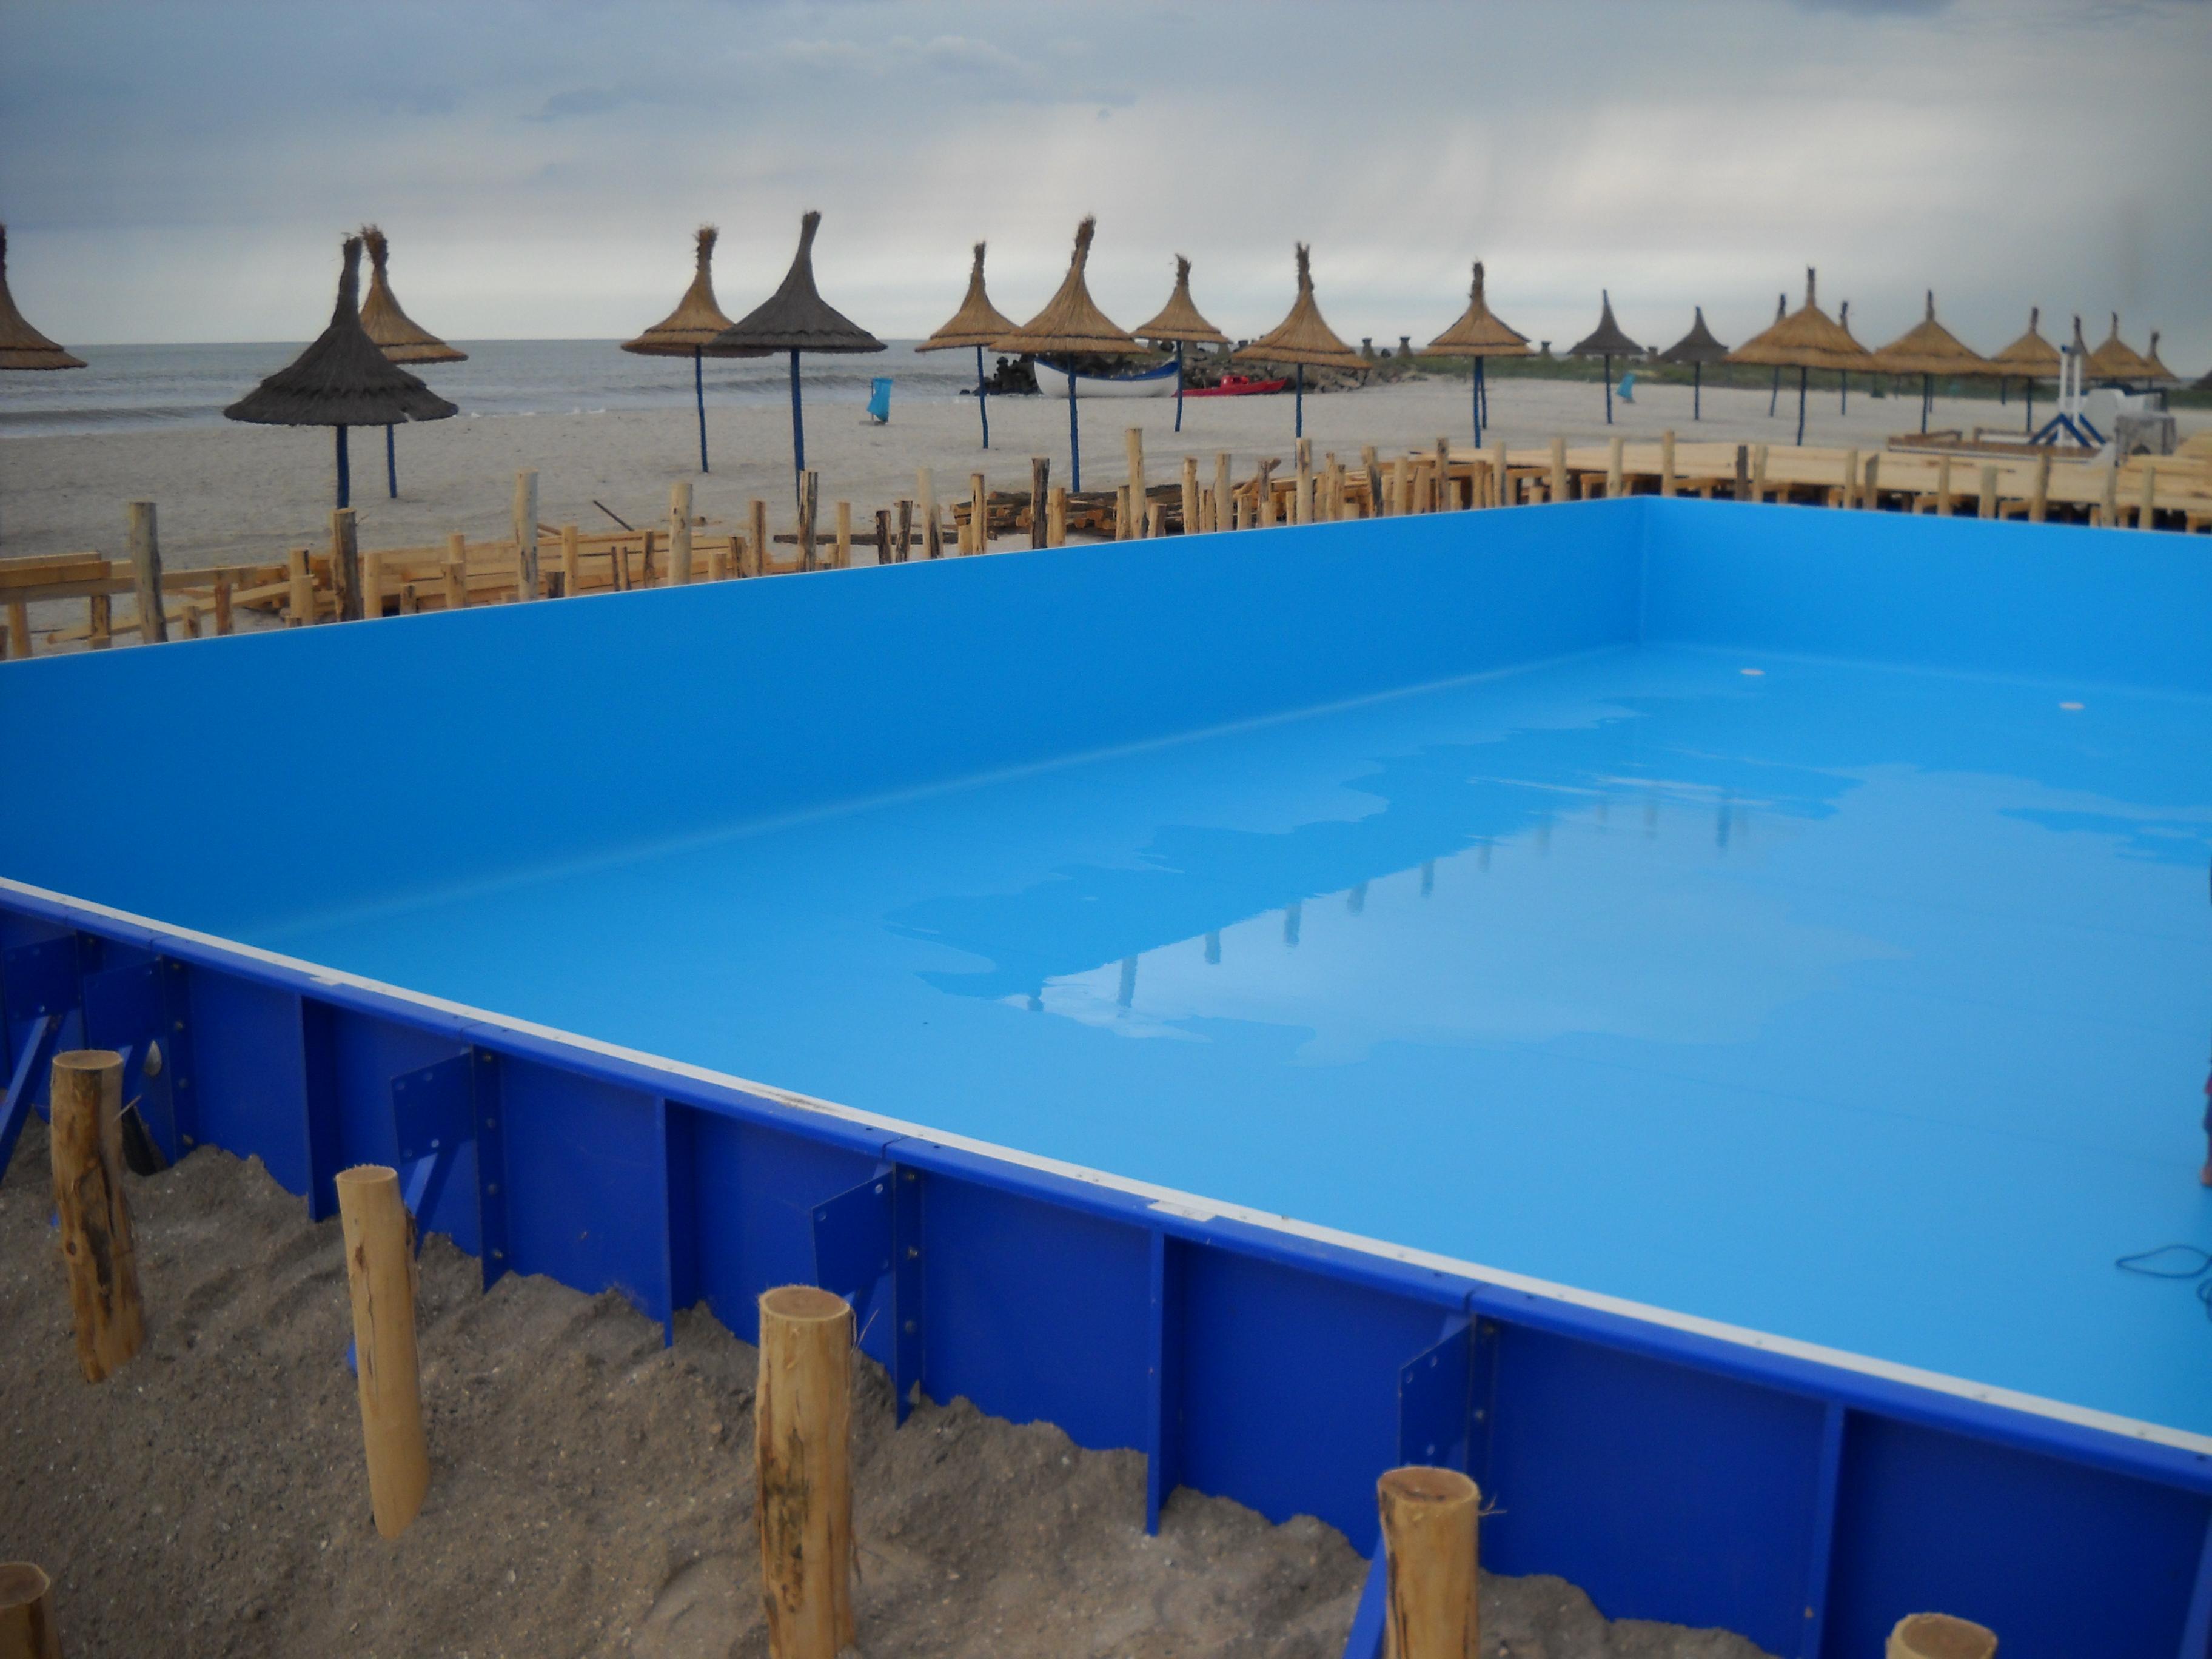 Faze de montaj piscine rezidentiale din panouri modulare de otel galvanizat ASTRAL POOL - Poza 6